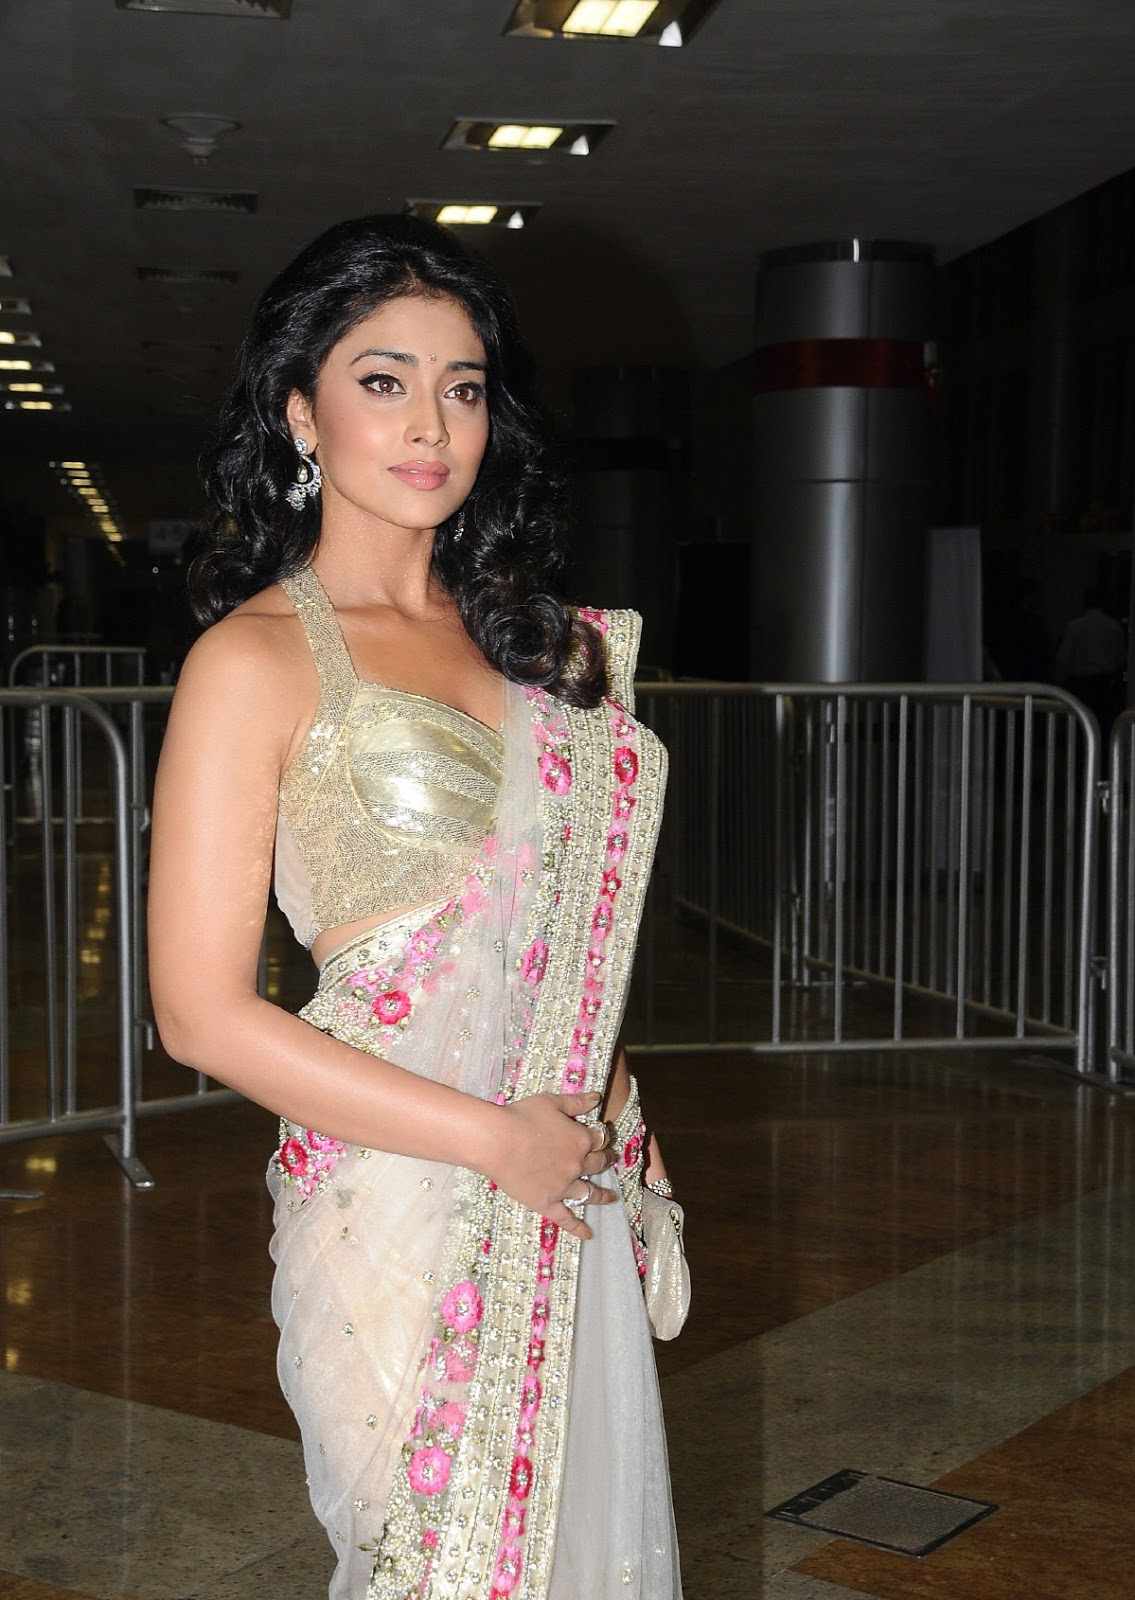 Shriya saran in a designer saree